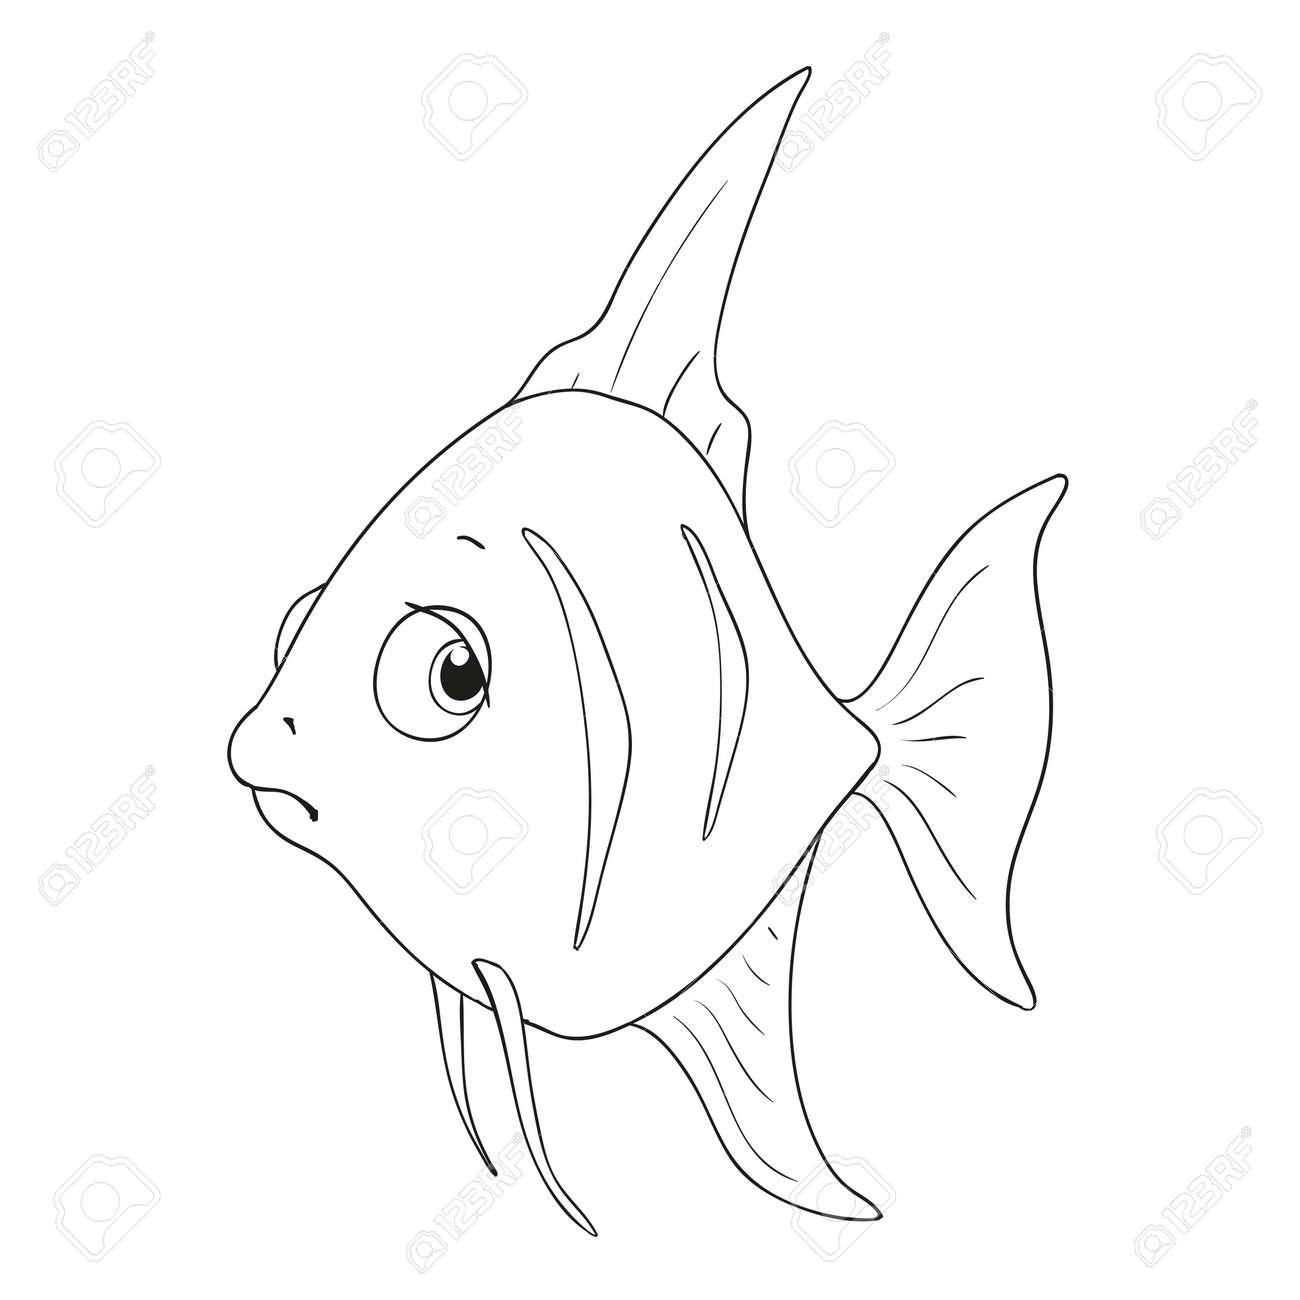 漫画文字の魚塗り絵のため分離する悲しい魚ベクトルのイラスト素材